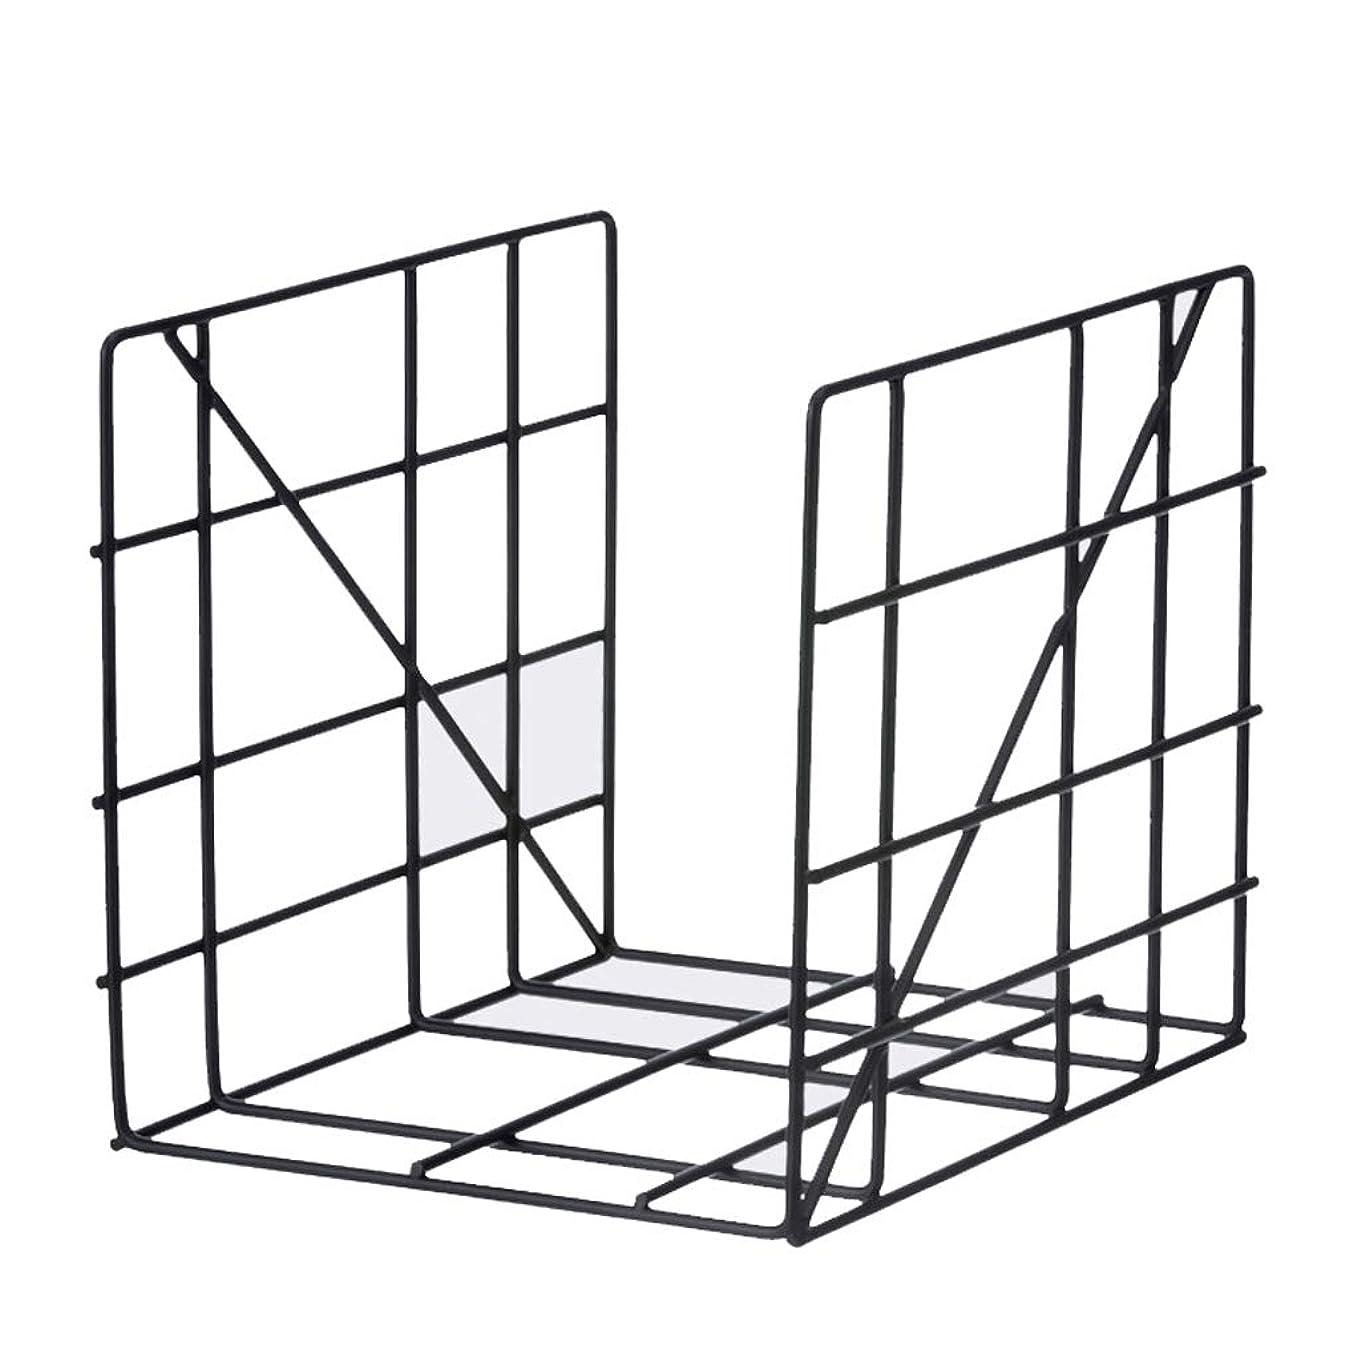 テメリティホイットニー楽しむKTYXDE 錬鉄製の本棚情報オフィス新聞デスクトップ収納ラッククリエイティブラック25×31×31 cm 本棚 (Color : Black)